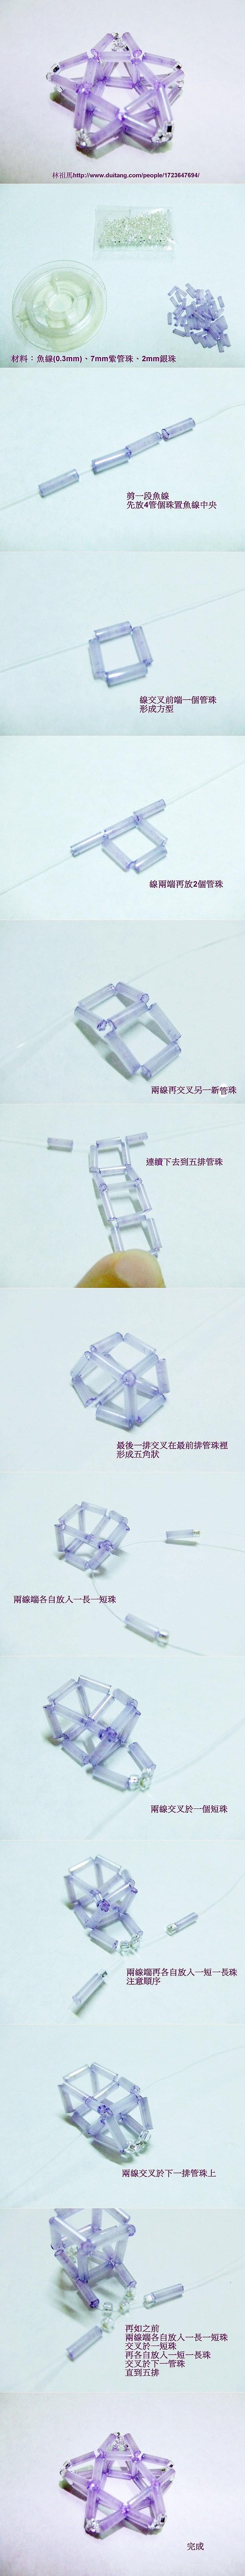 手工 星型串珠,可以當作手鍊或項鍊的墬飾,忘…